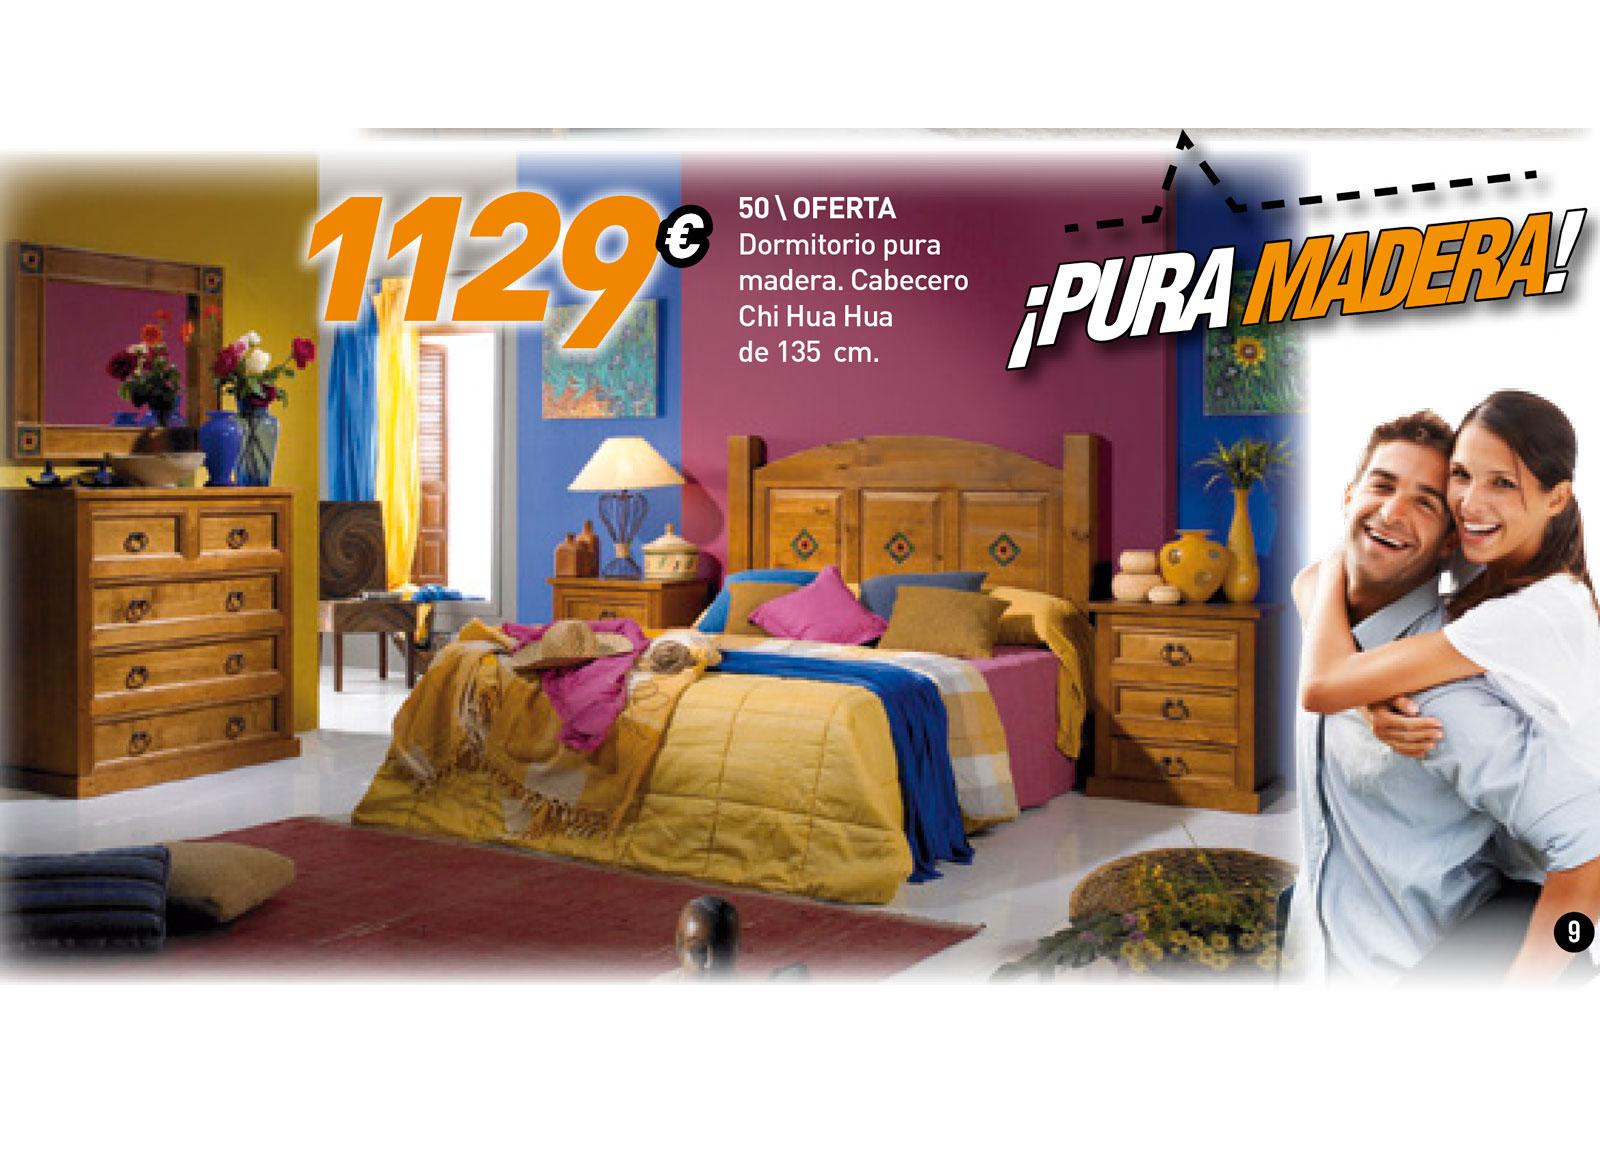 Ofertas 50 dormitorio for Ofertas dormitorios